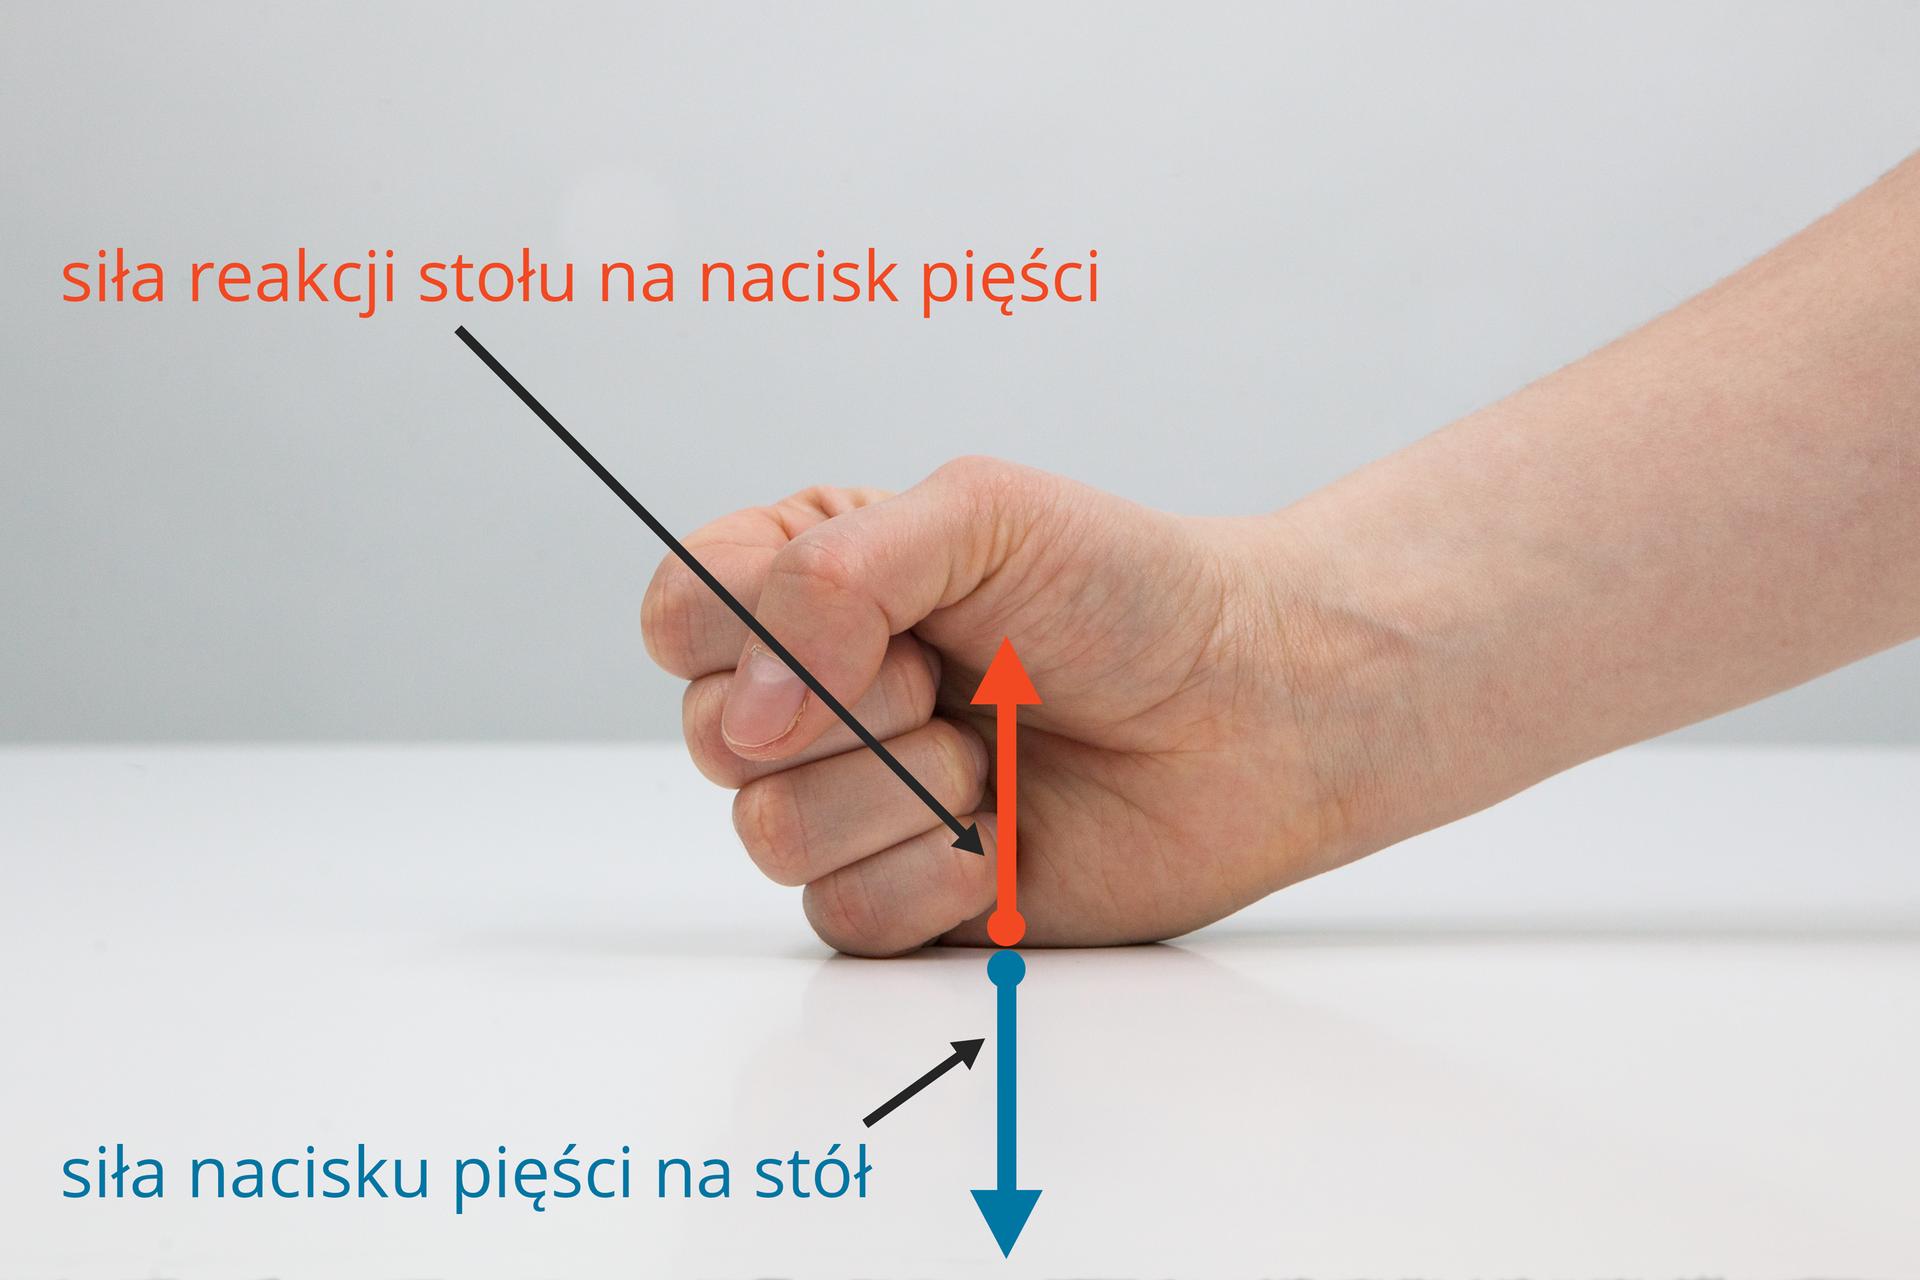 Zdjęcie ilustrujące zasadę akcji ireakcji na przykładzie nacisku dłoni na blat stołu.